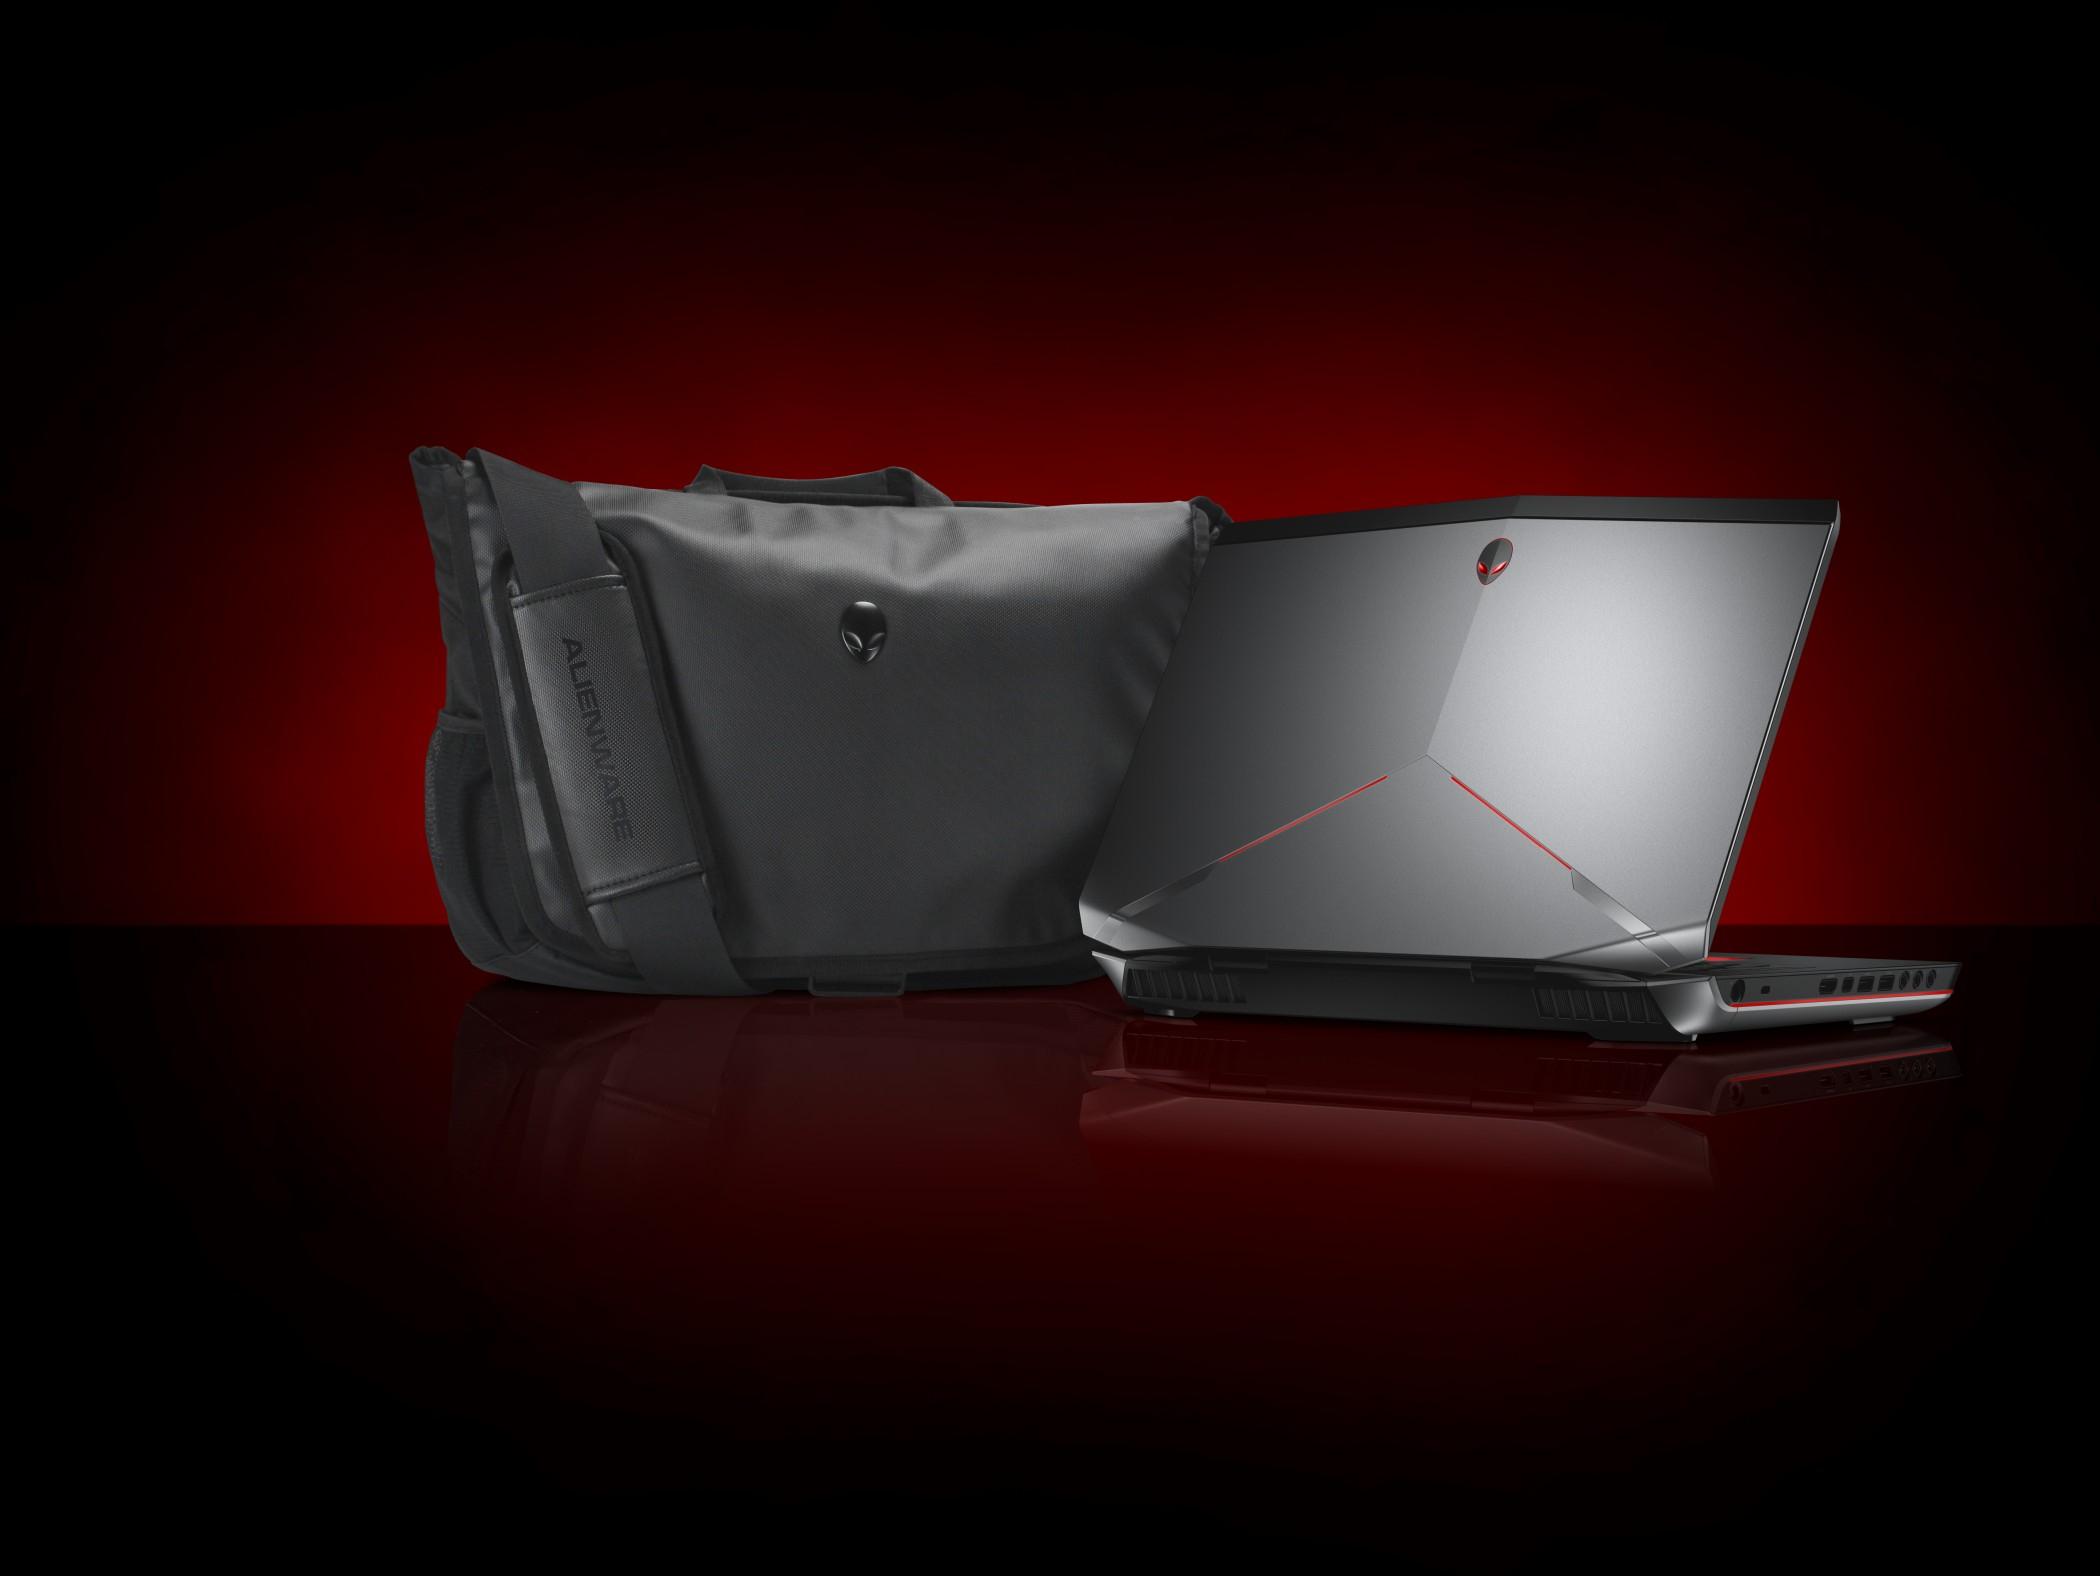 Dell 17-Inch Laptop Alienware Vindicator Shoulder Bag - Black (460-BBKJ)